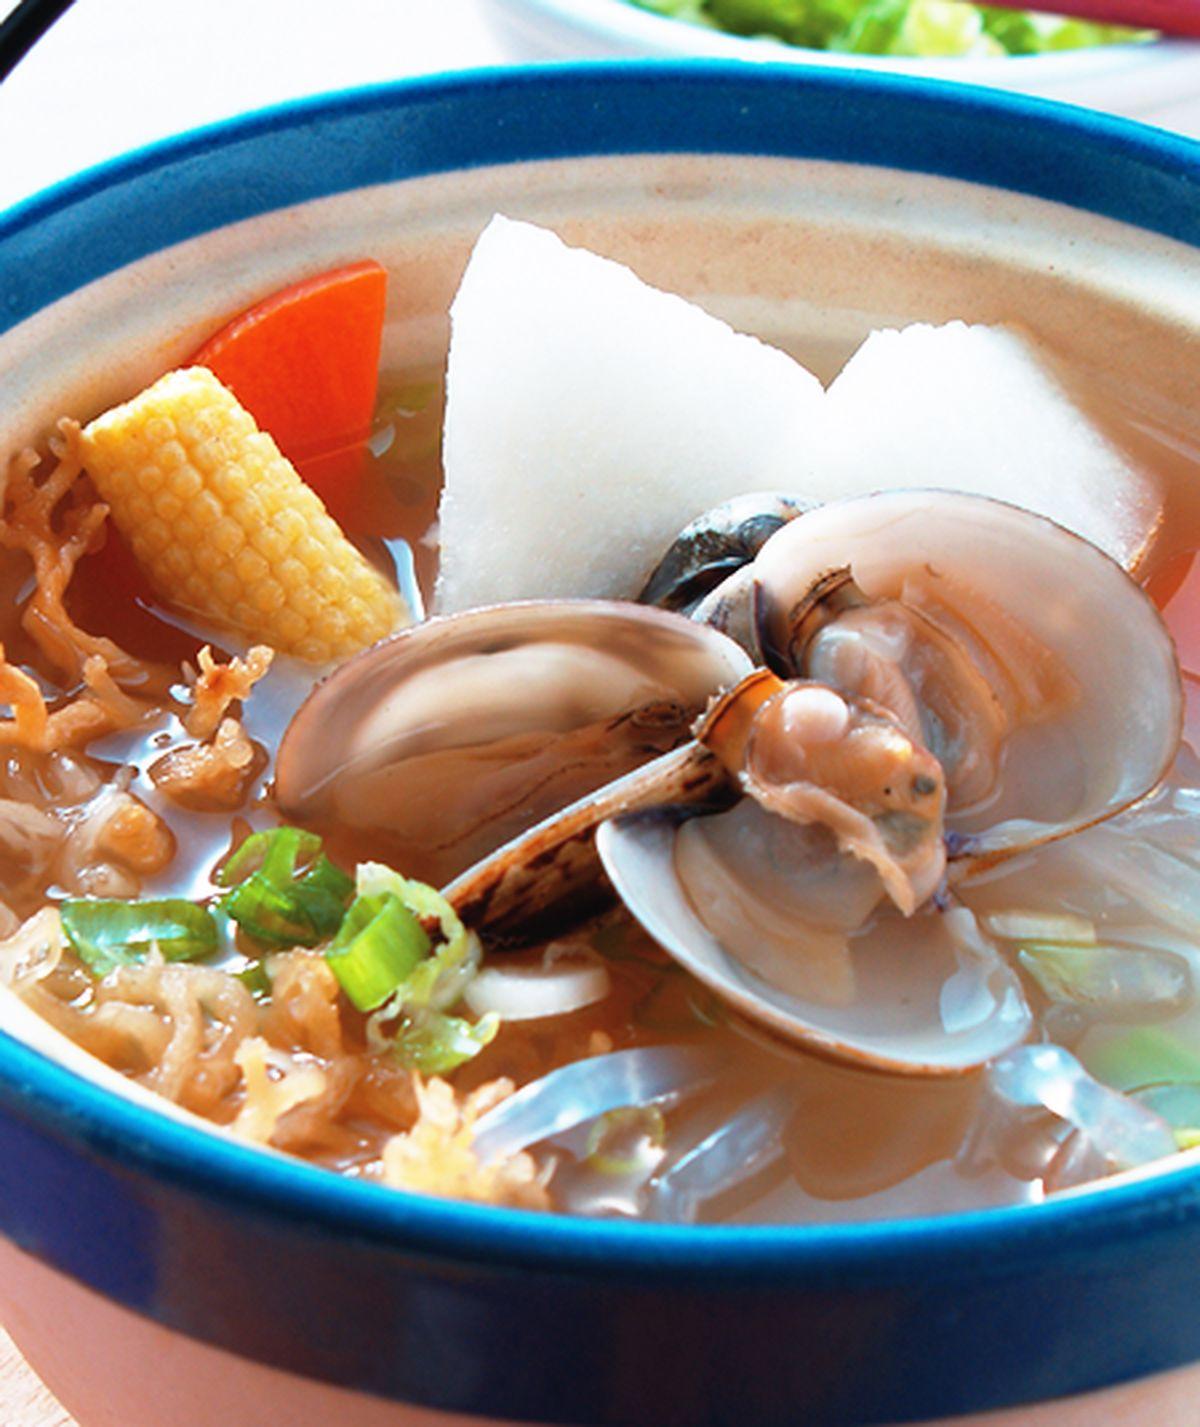 食譜:低脂蔬菜鍋